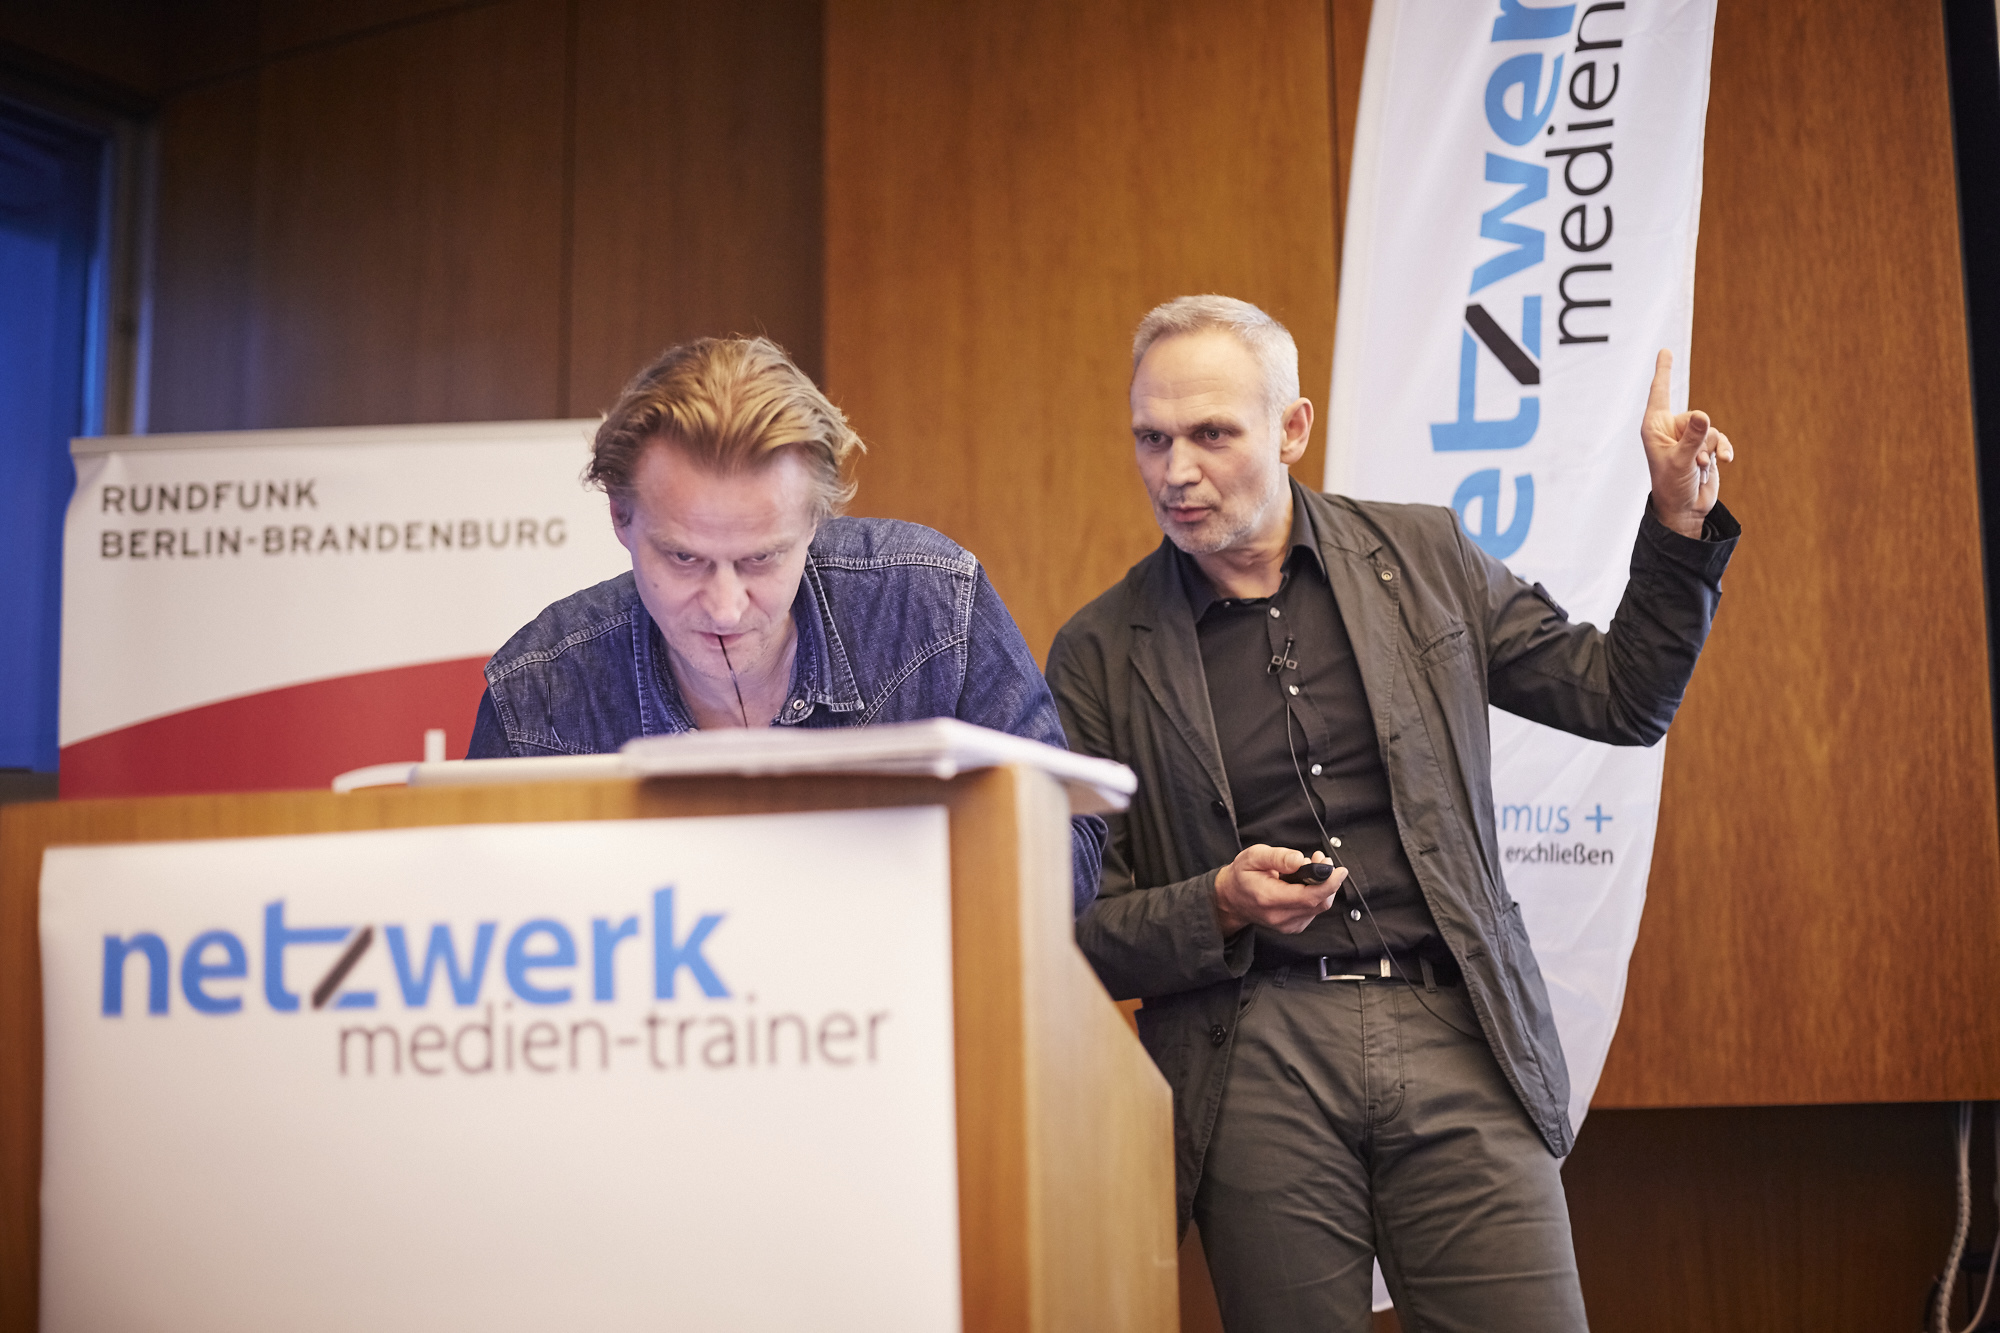 Mirko Lorenz und Wilfried Runde auf dem Crossmedia-Tag des netzwerk medien-trainer